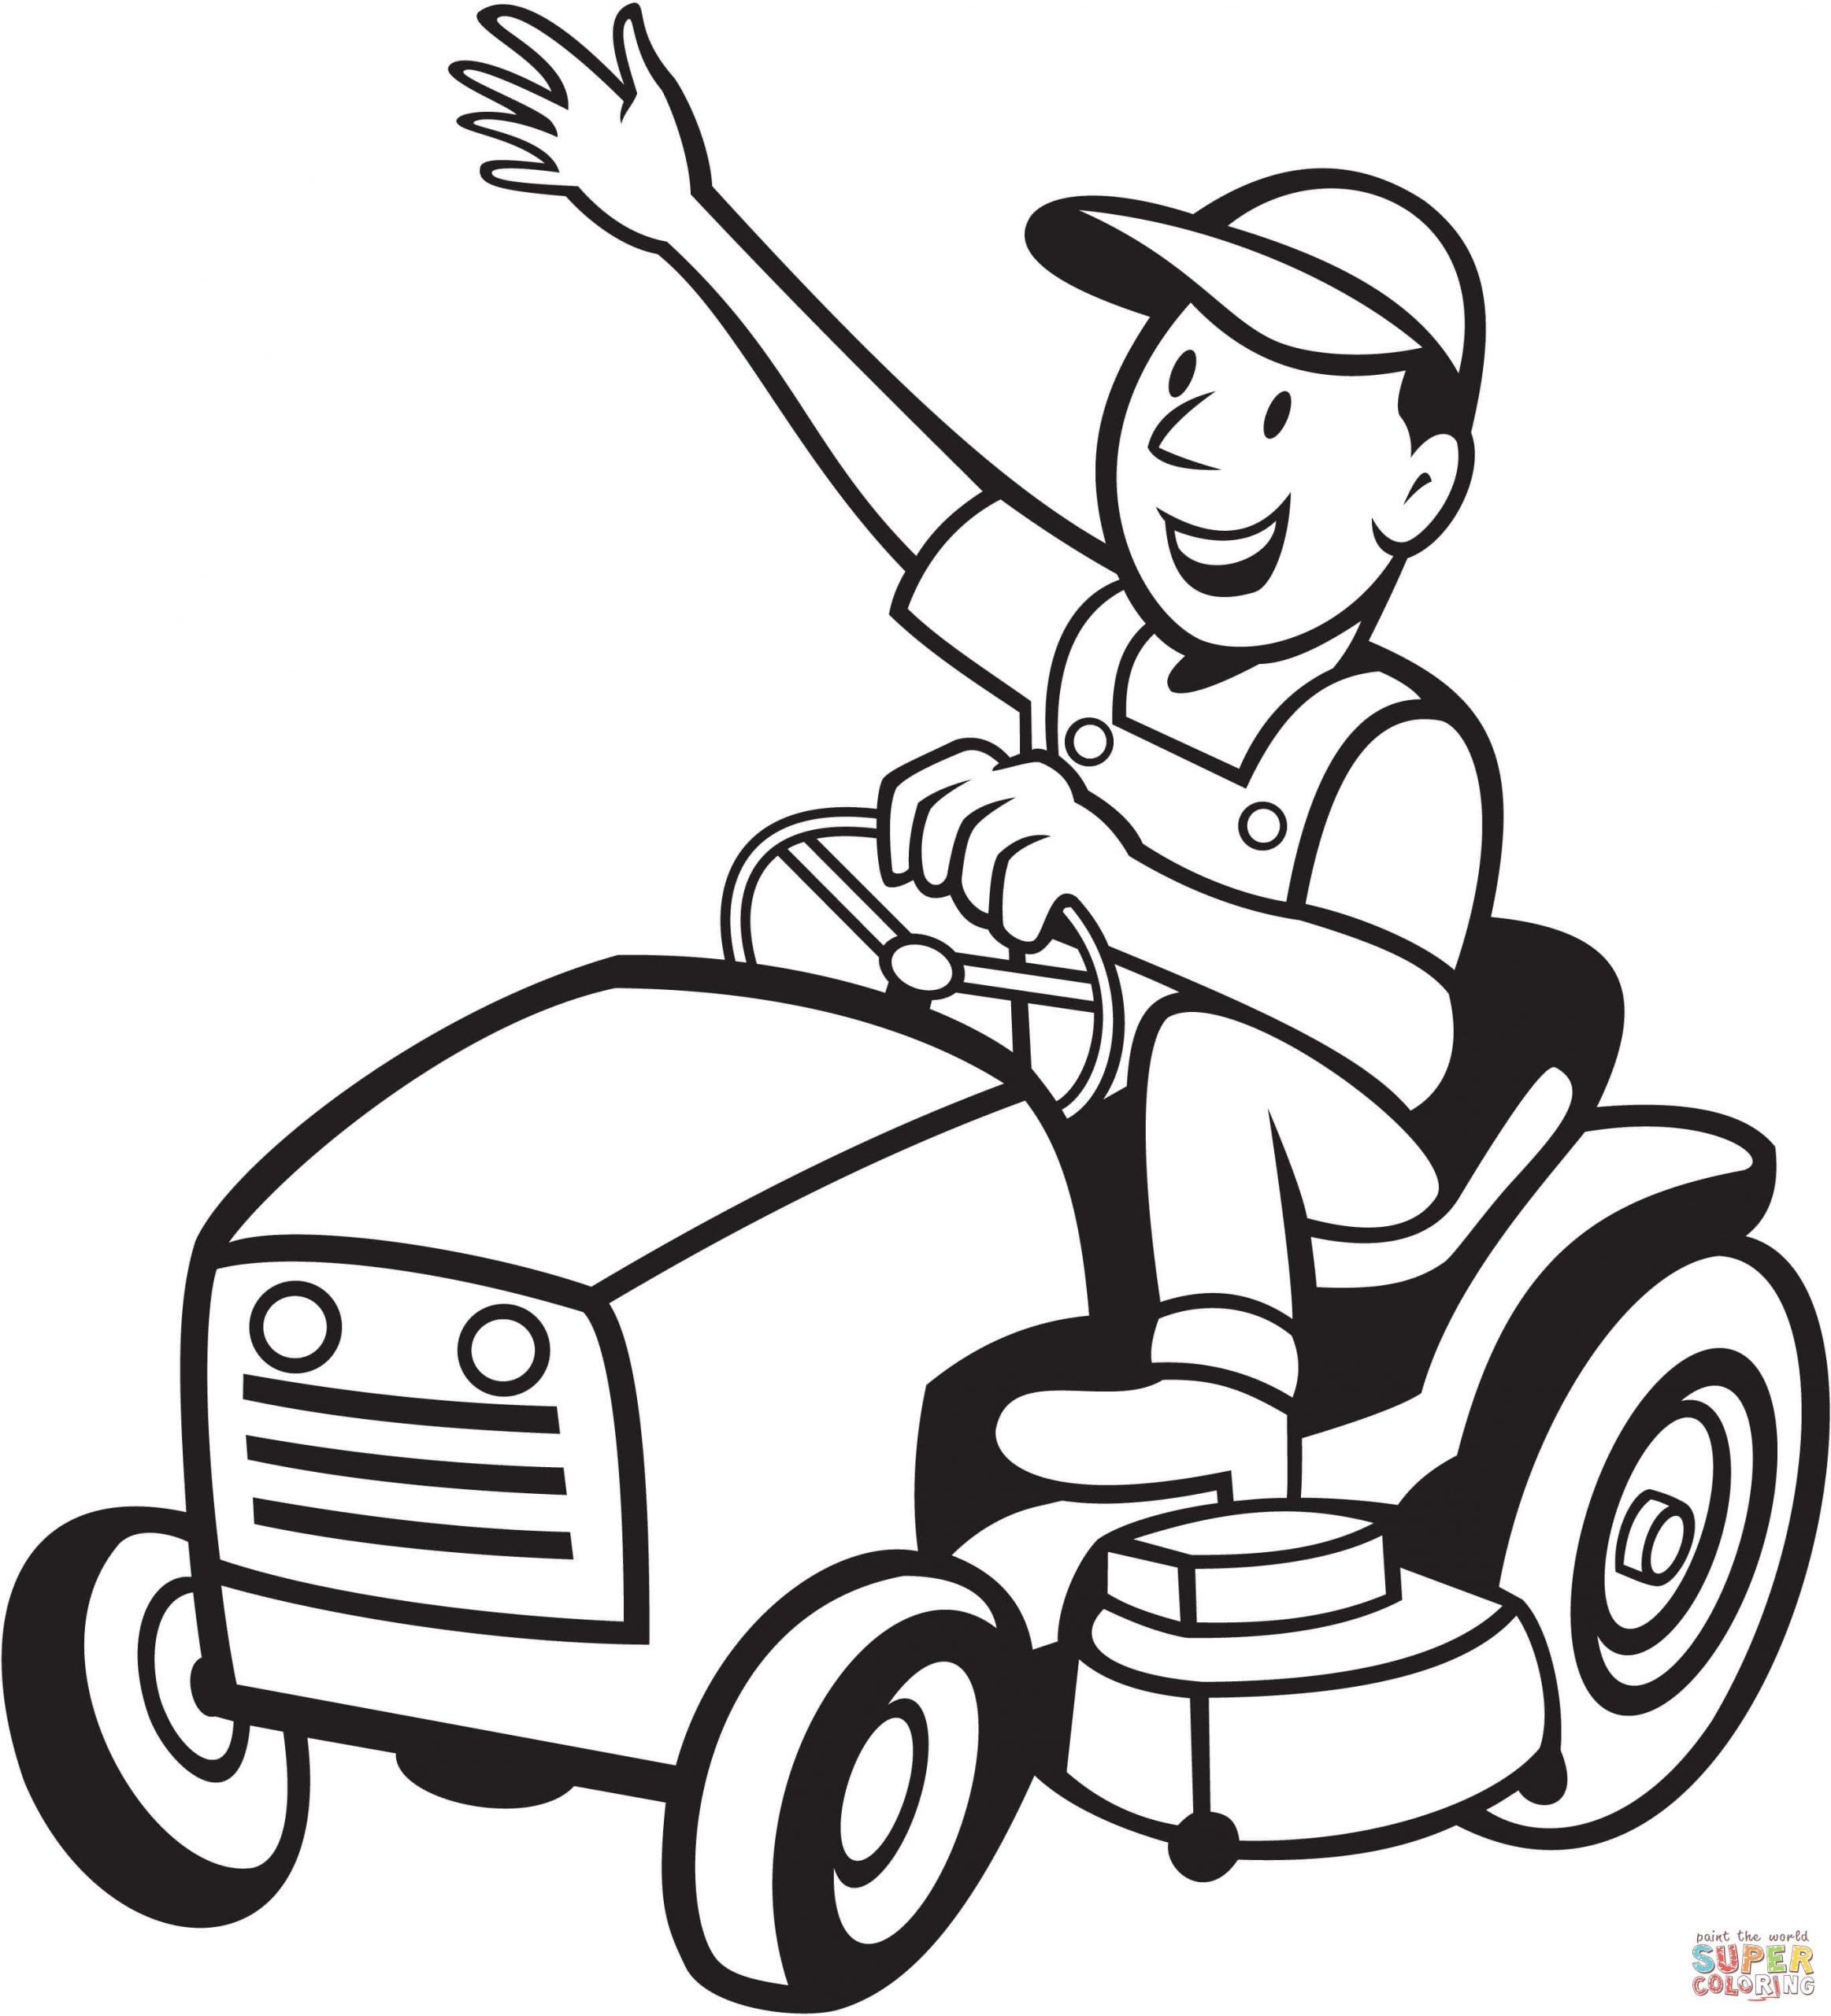 Coloriage - Fermier Conduisant Une Tondeuse À Gazon à Tracteur À Colorier